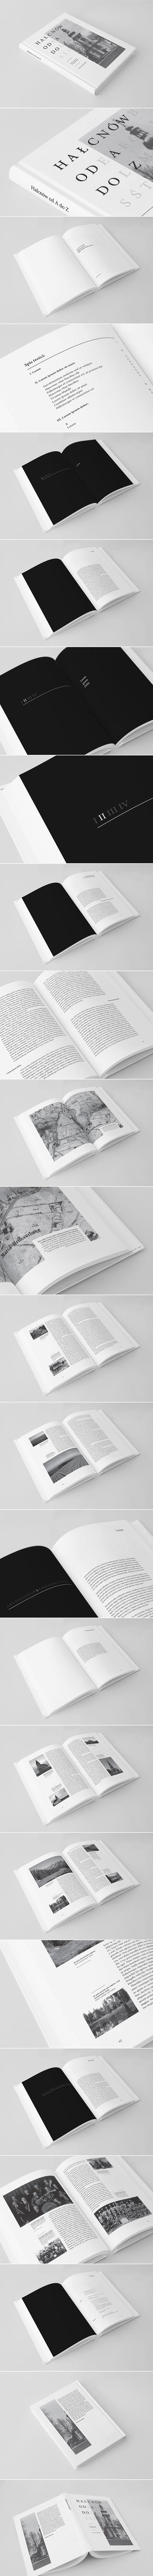 Hałcnów od A do Z   Editorial Design on Behance